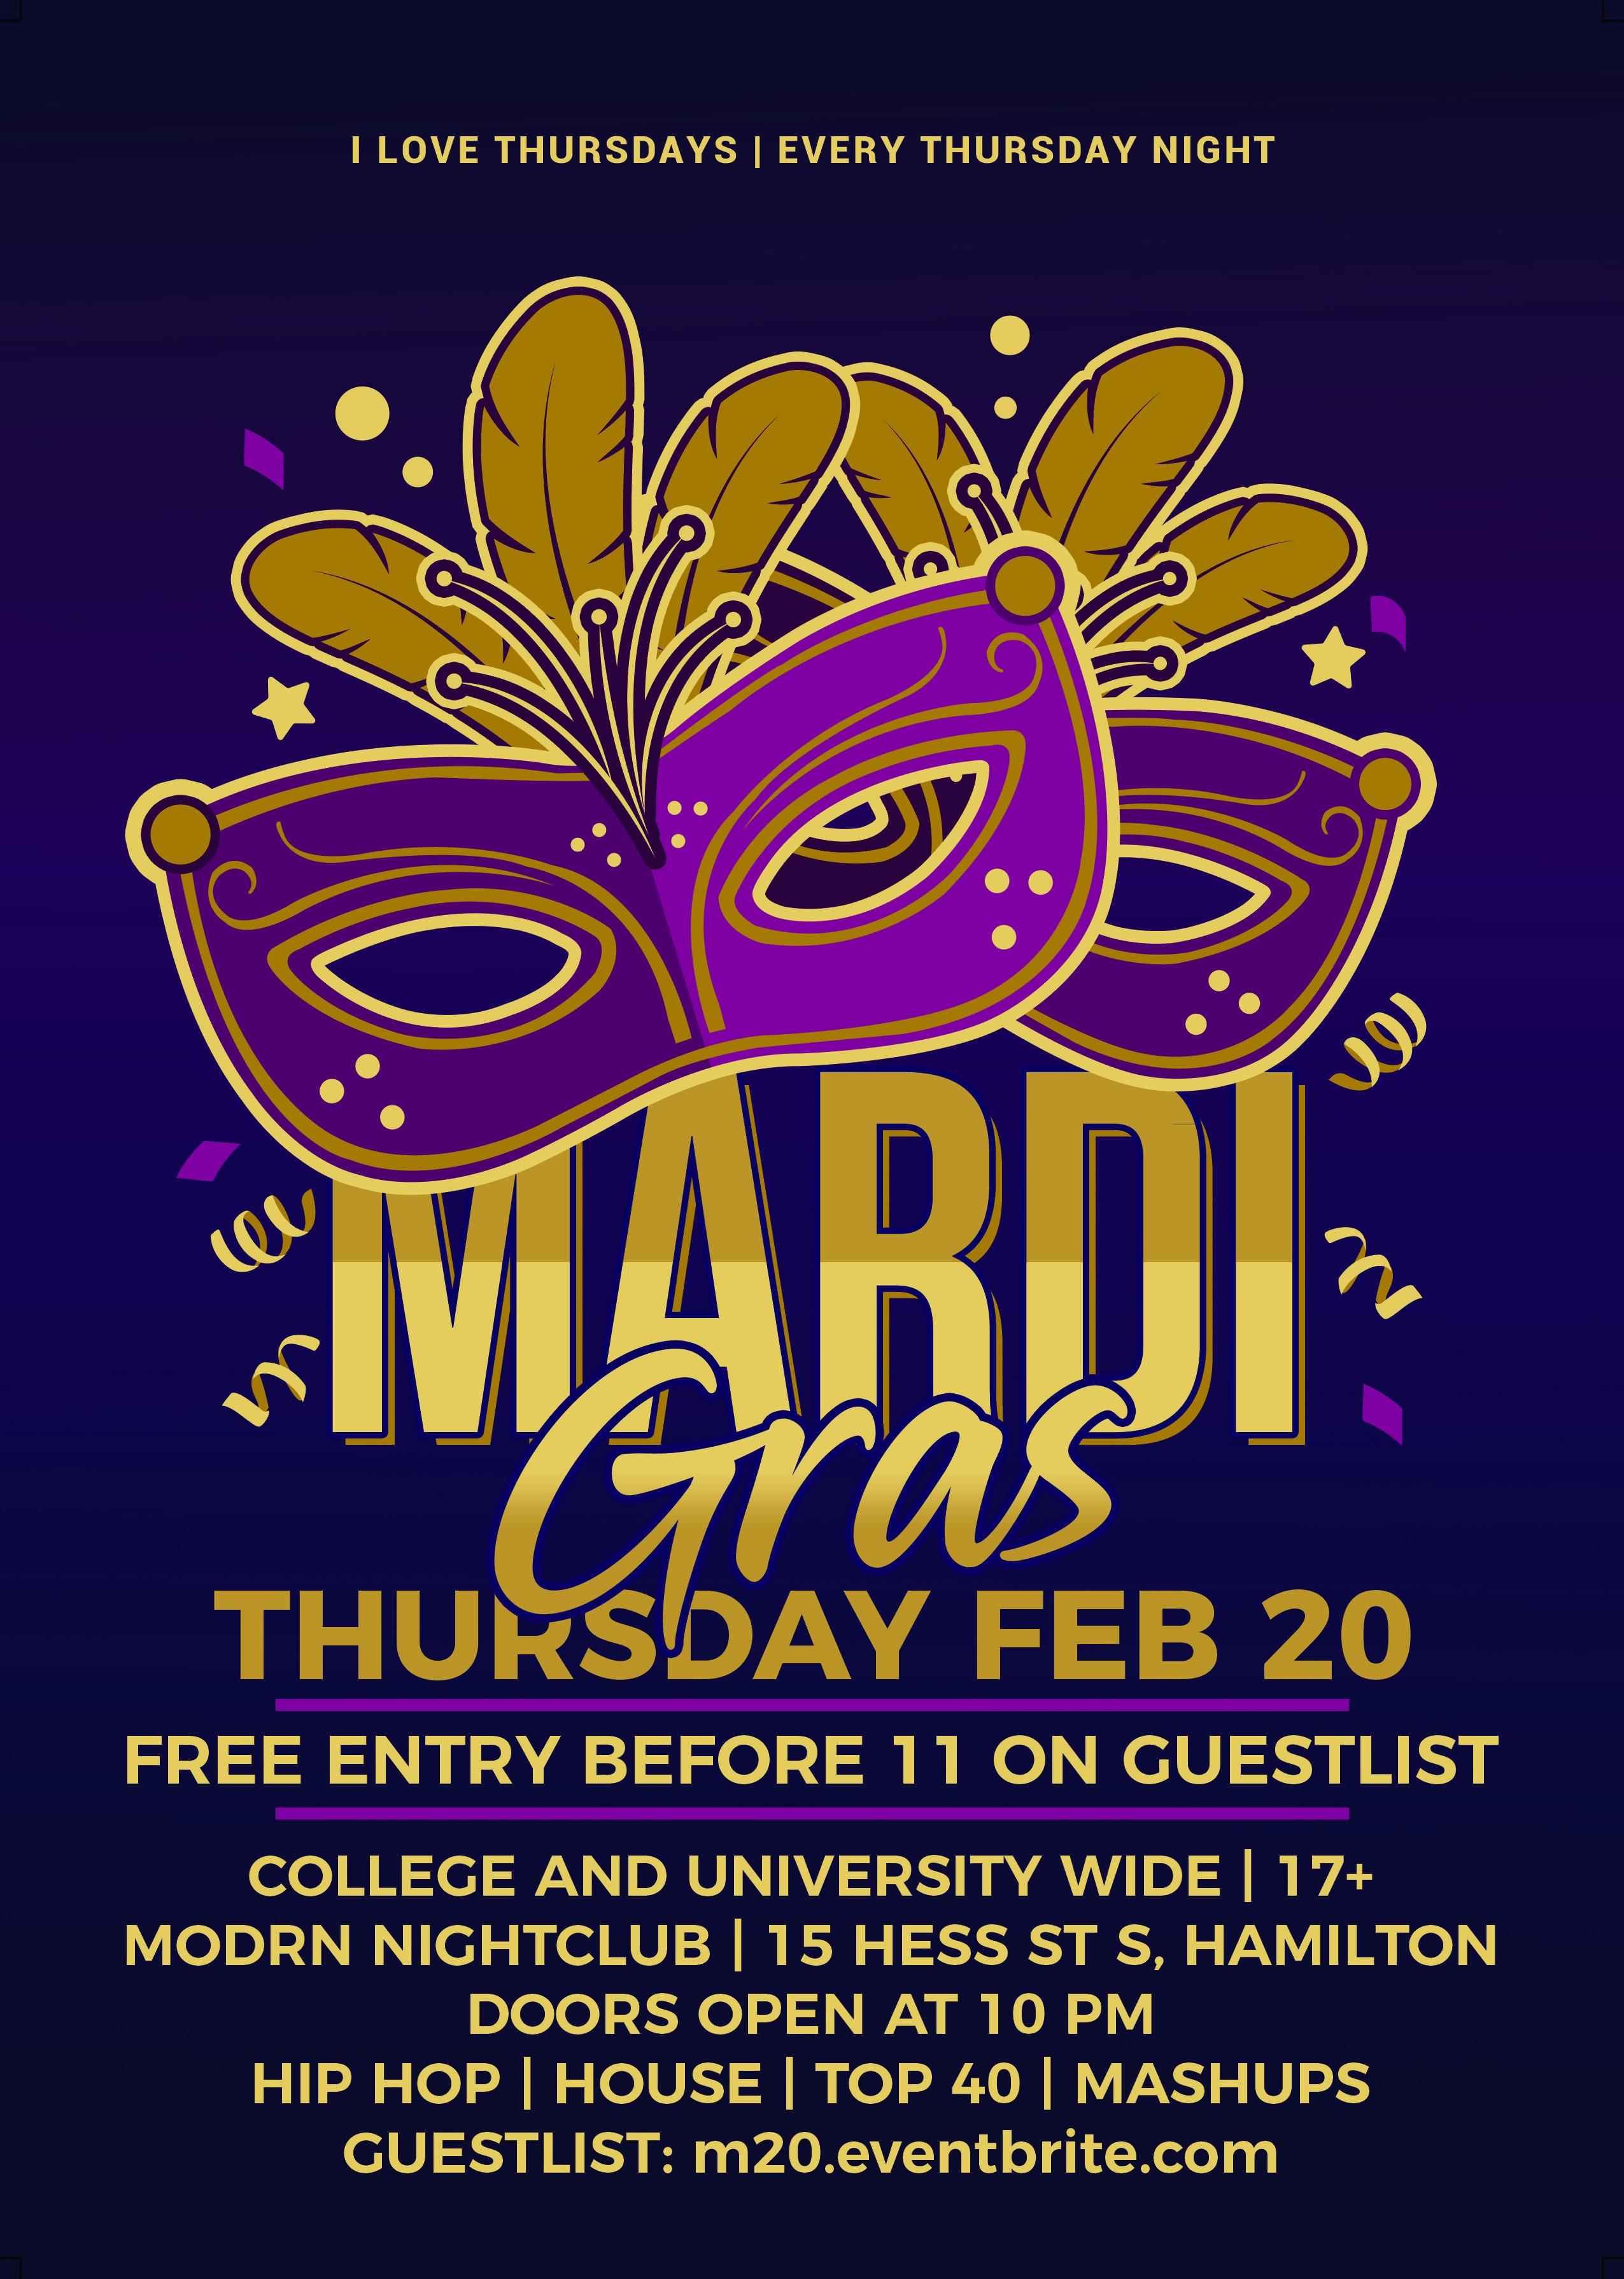 MARDI GRAS @ Modrn Nightclub - Thursday February 20